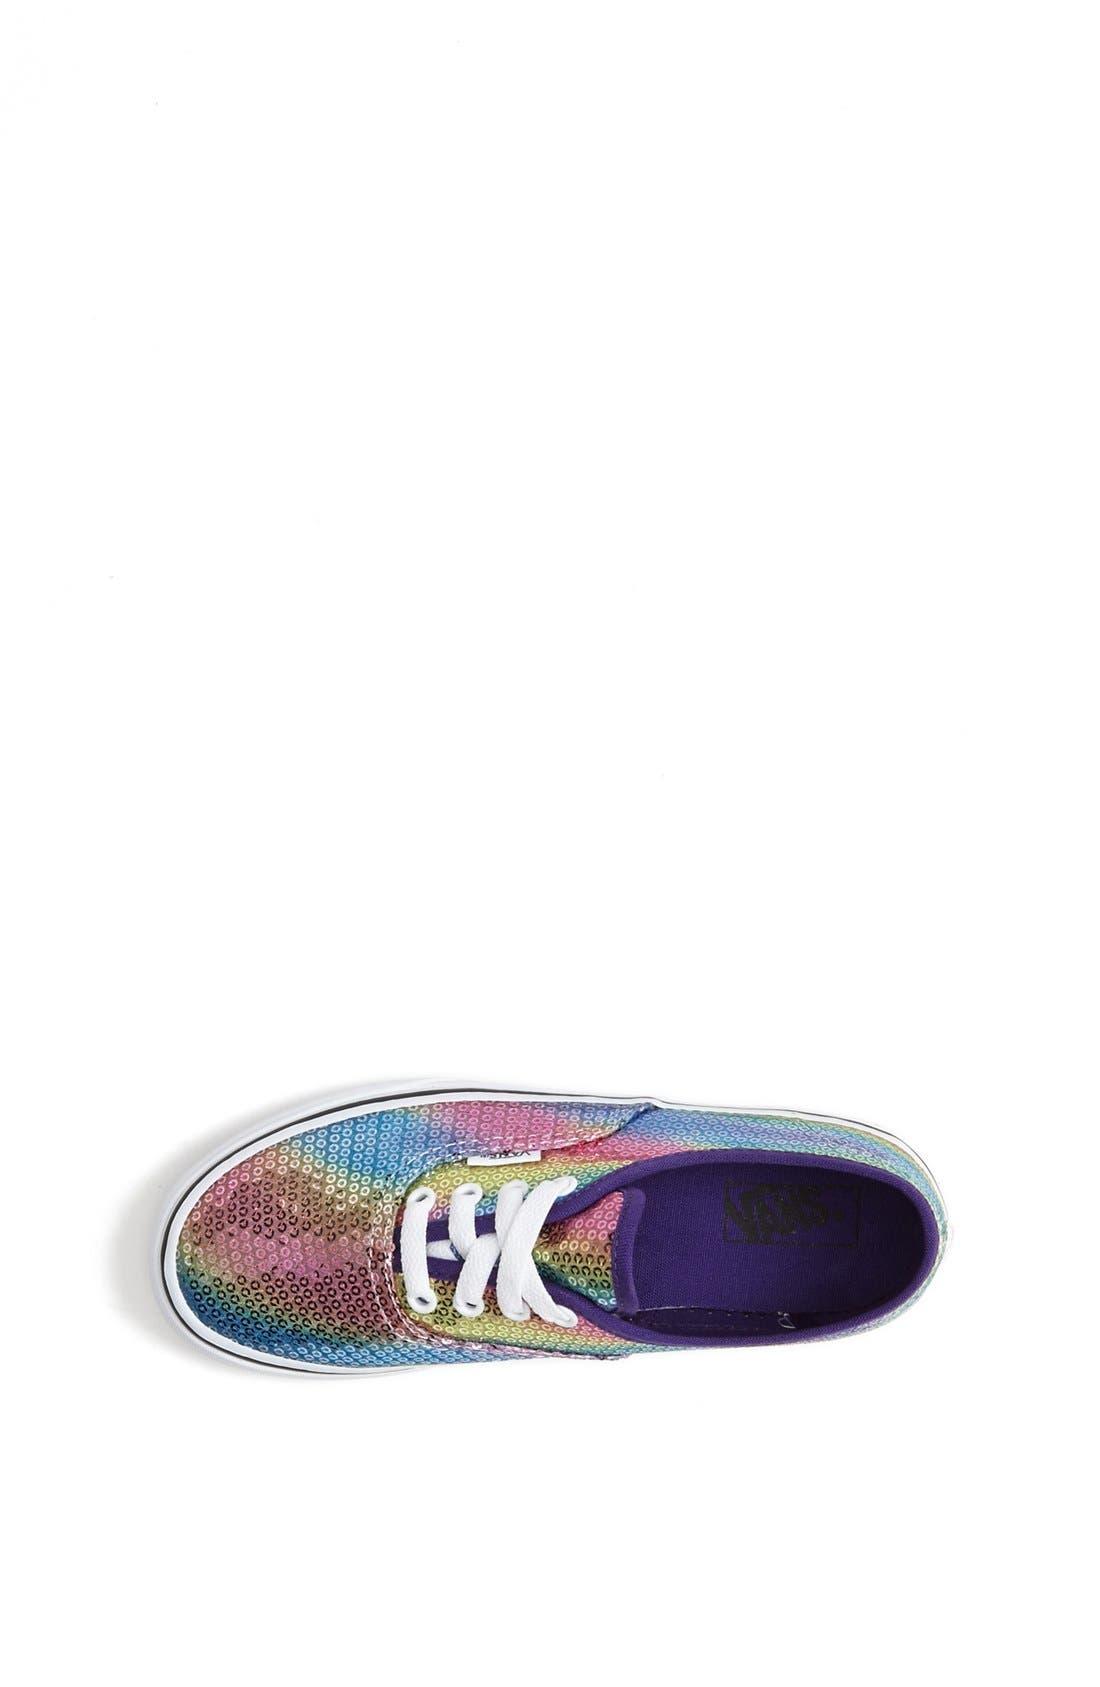 Alternate Image 3  - Vans 'Classic - Rainbow Sequin' Sneaker (Toddler, Little Kid & Big Kid)